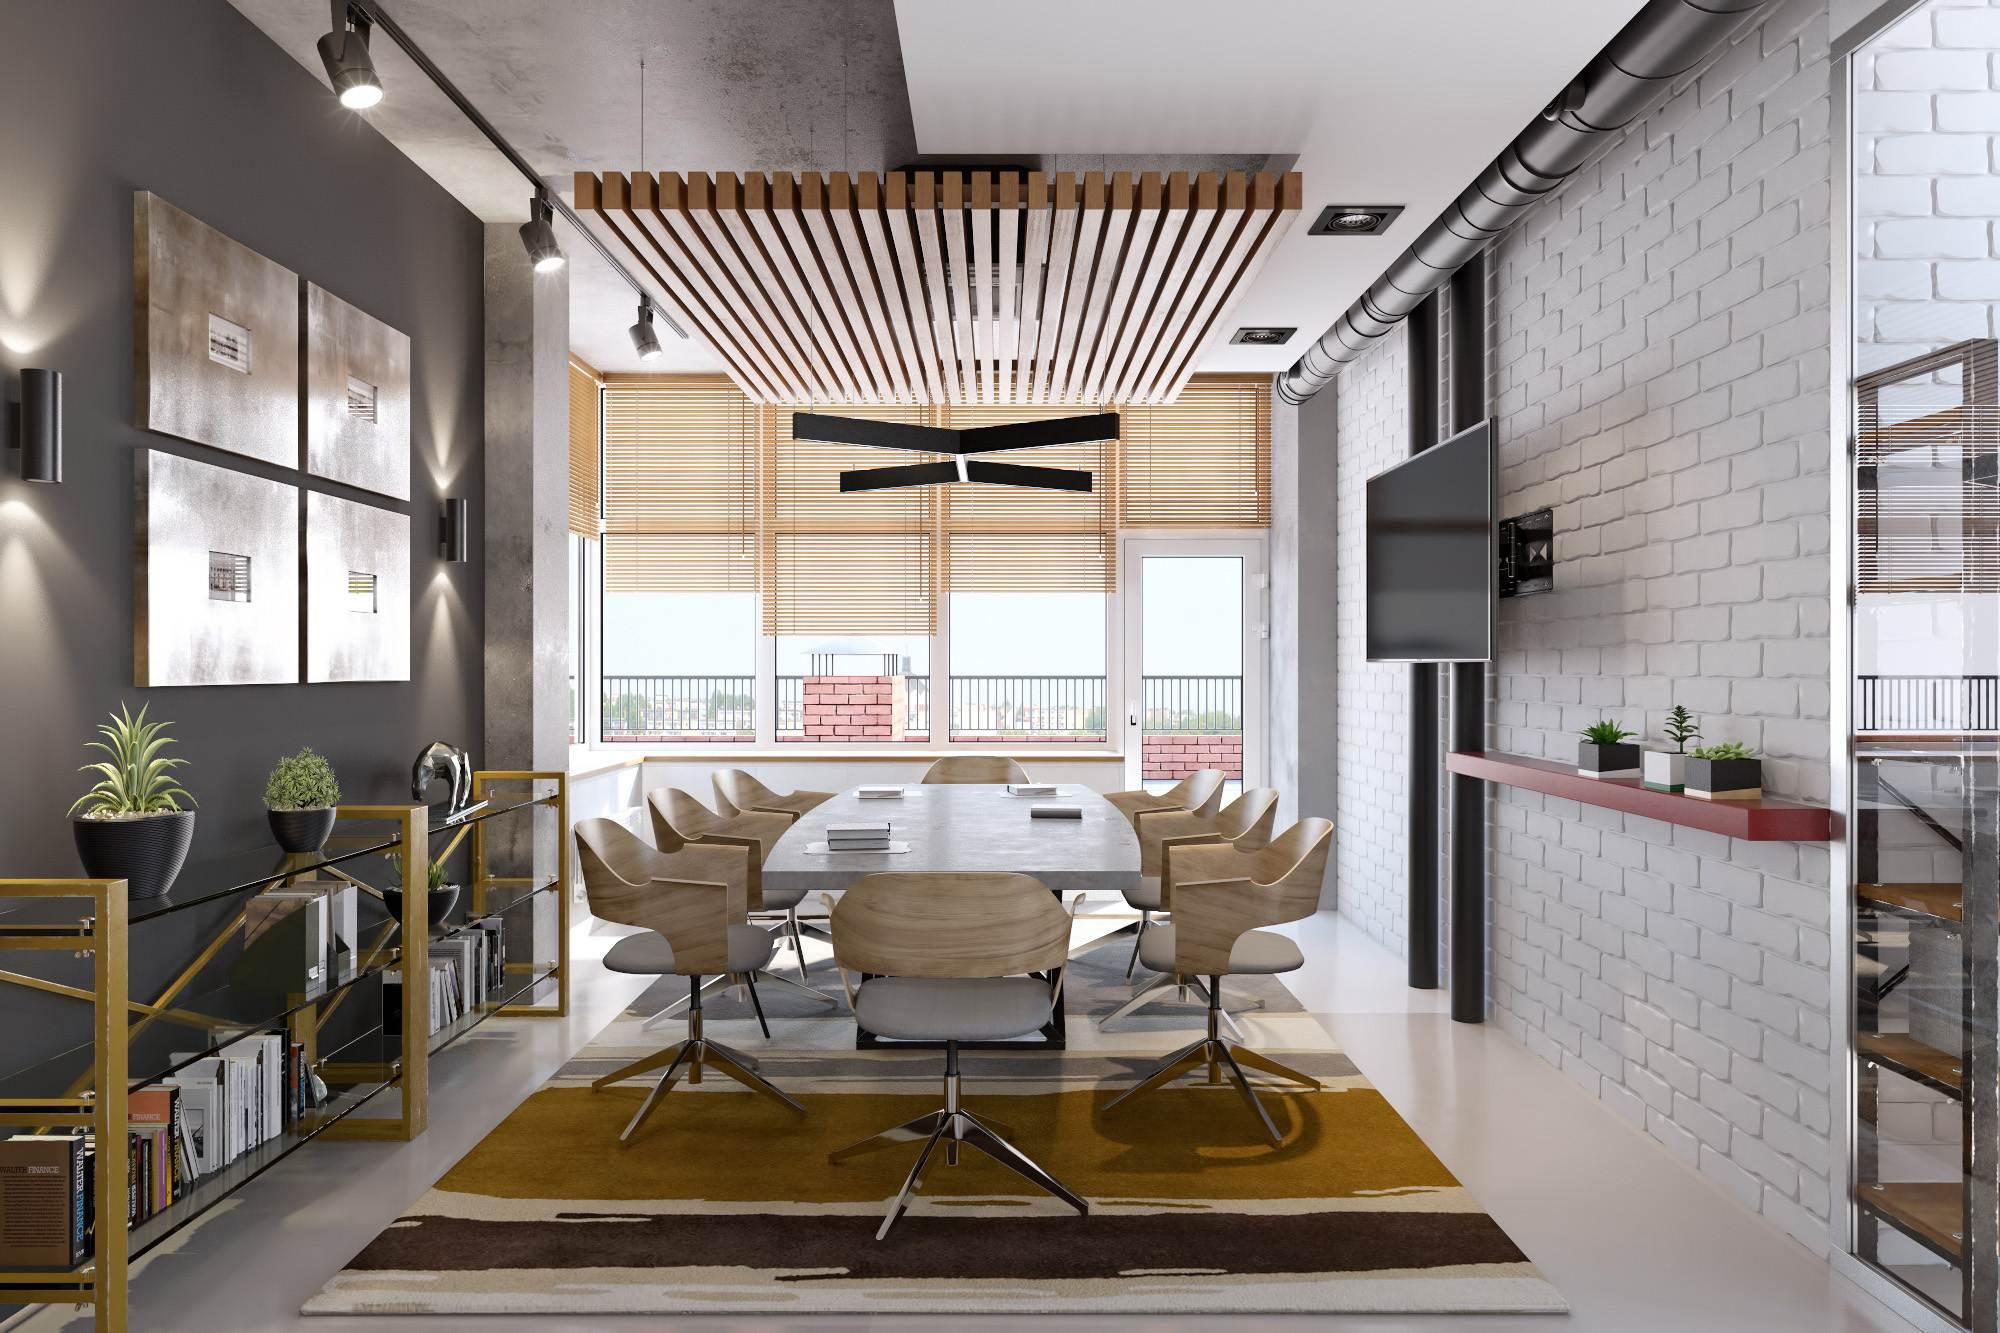 вентиляция в частном доме в стиле лофт